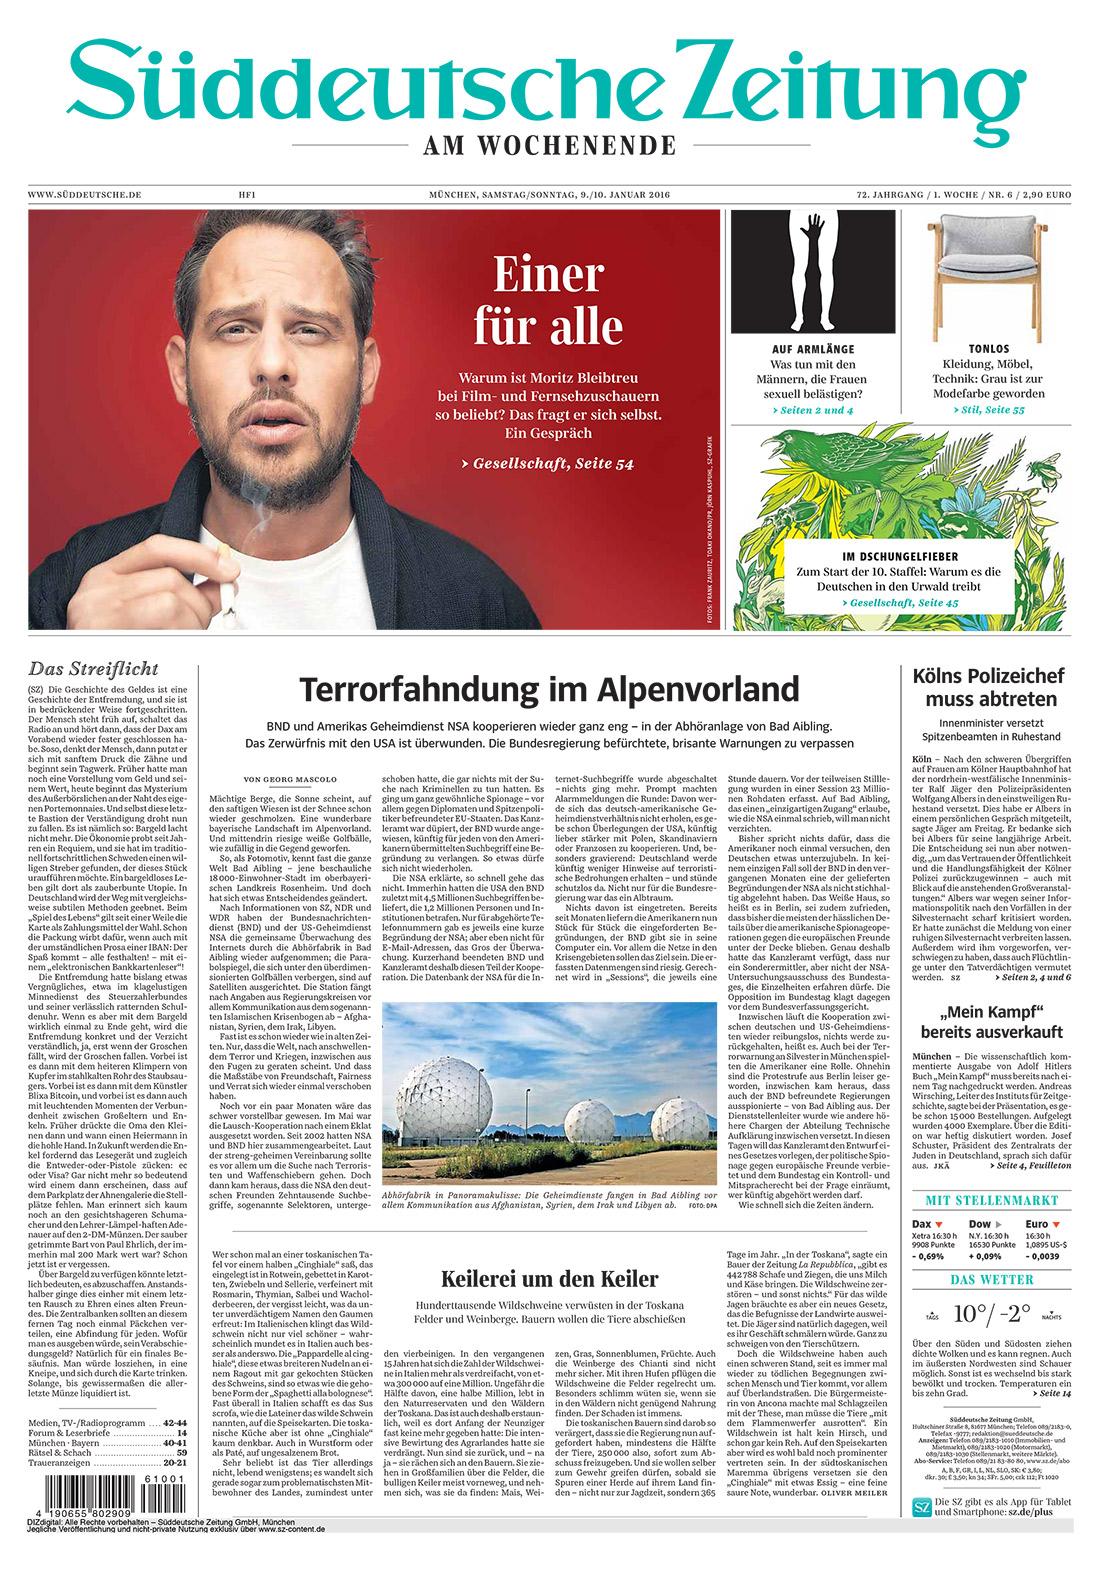 Bekanntschaften Süddeutsche Zeitung